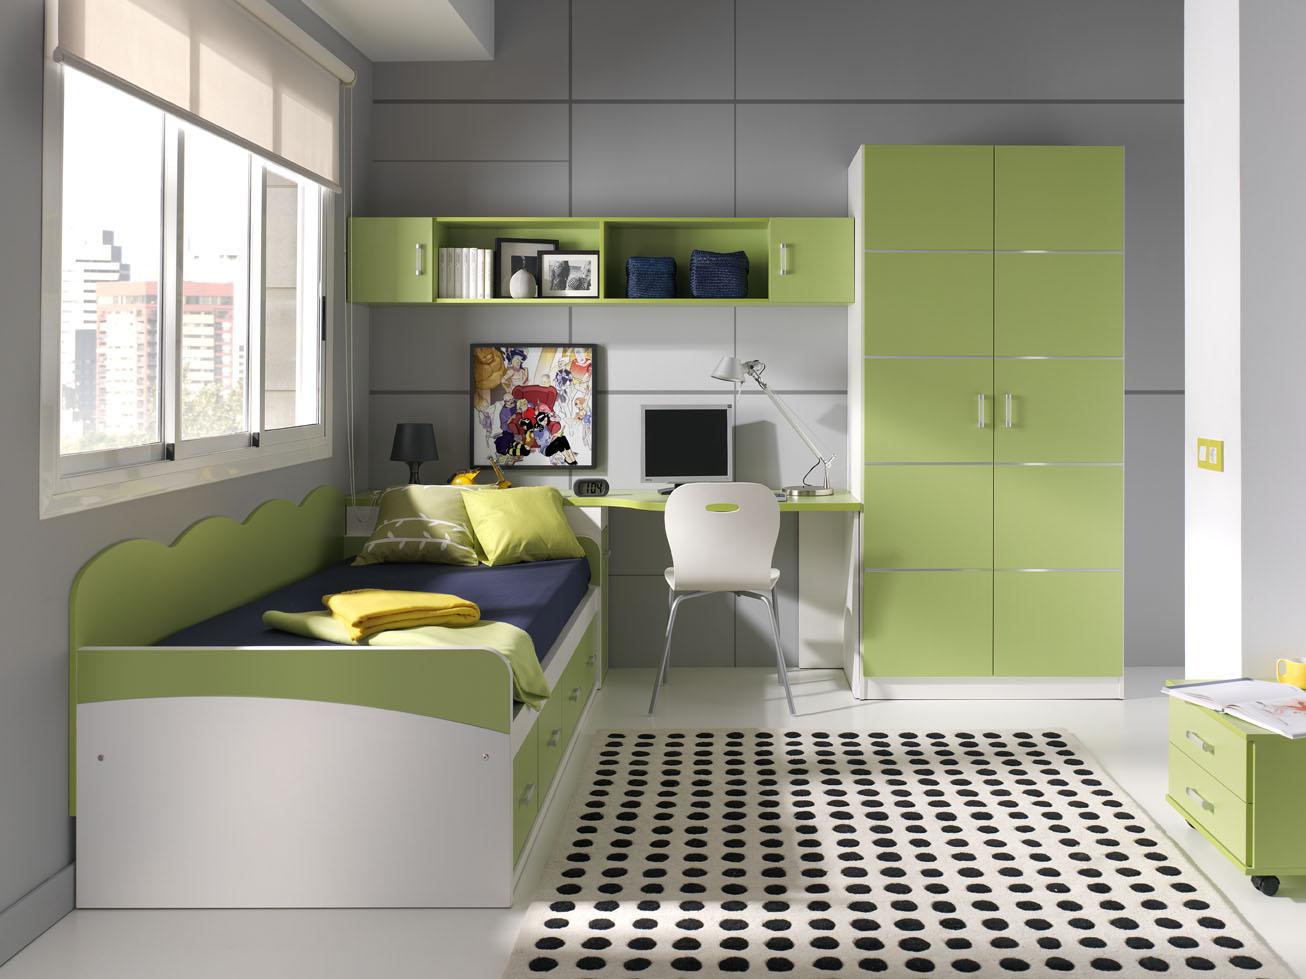 Dormitorios juveniles funcionales y bonitos muebles - Habitacion para 2 ninos ...